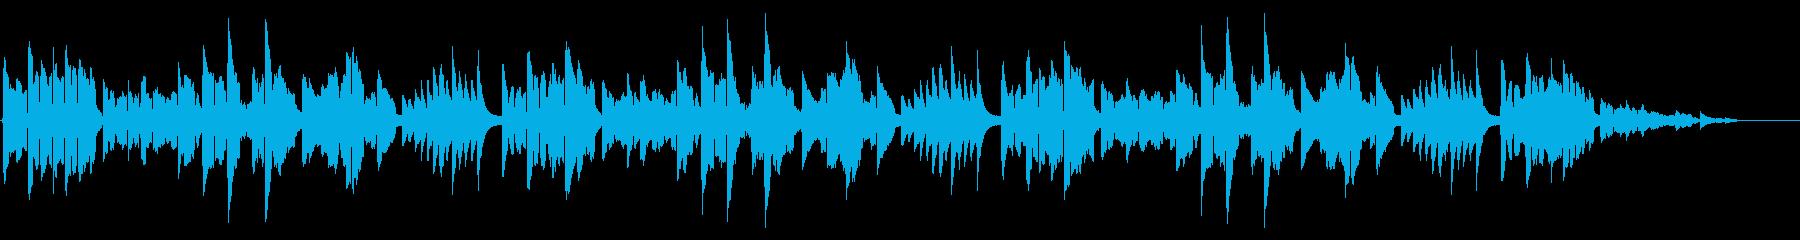 フルート生演奏 童謡「うれしいひなまつりの再生済みの波形